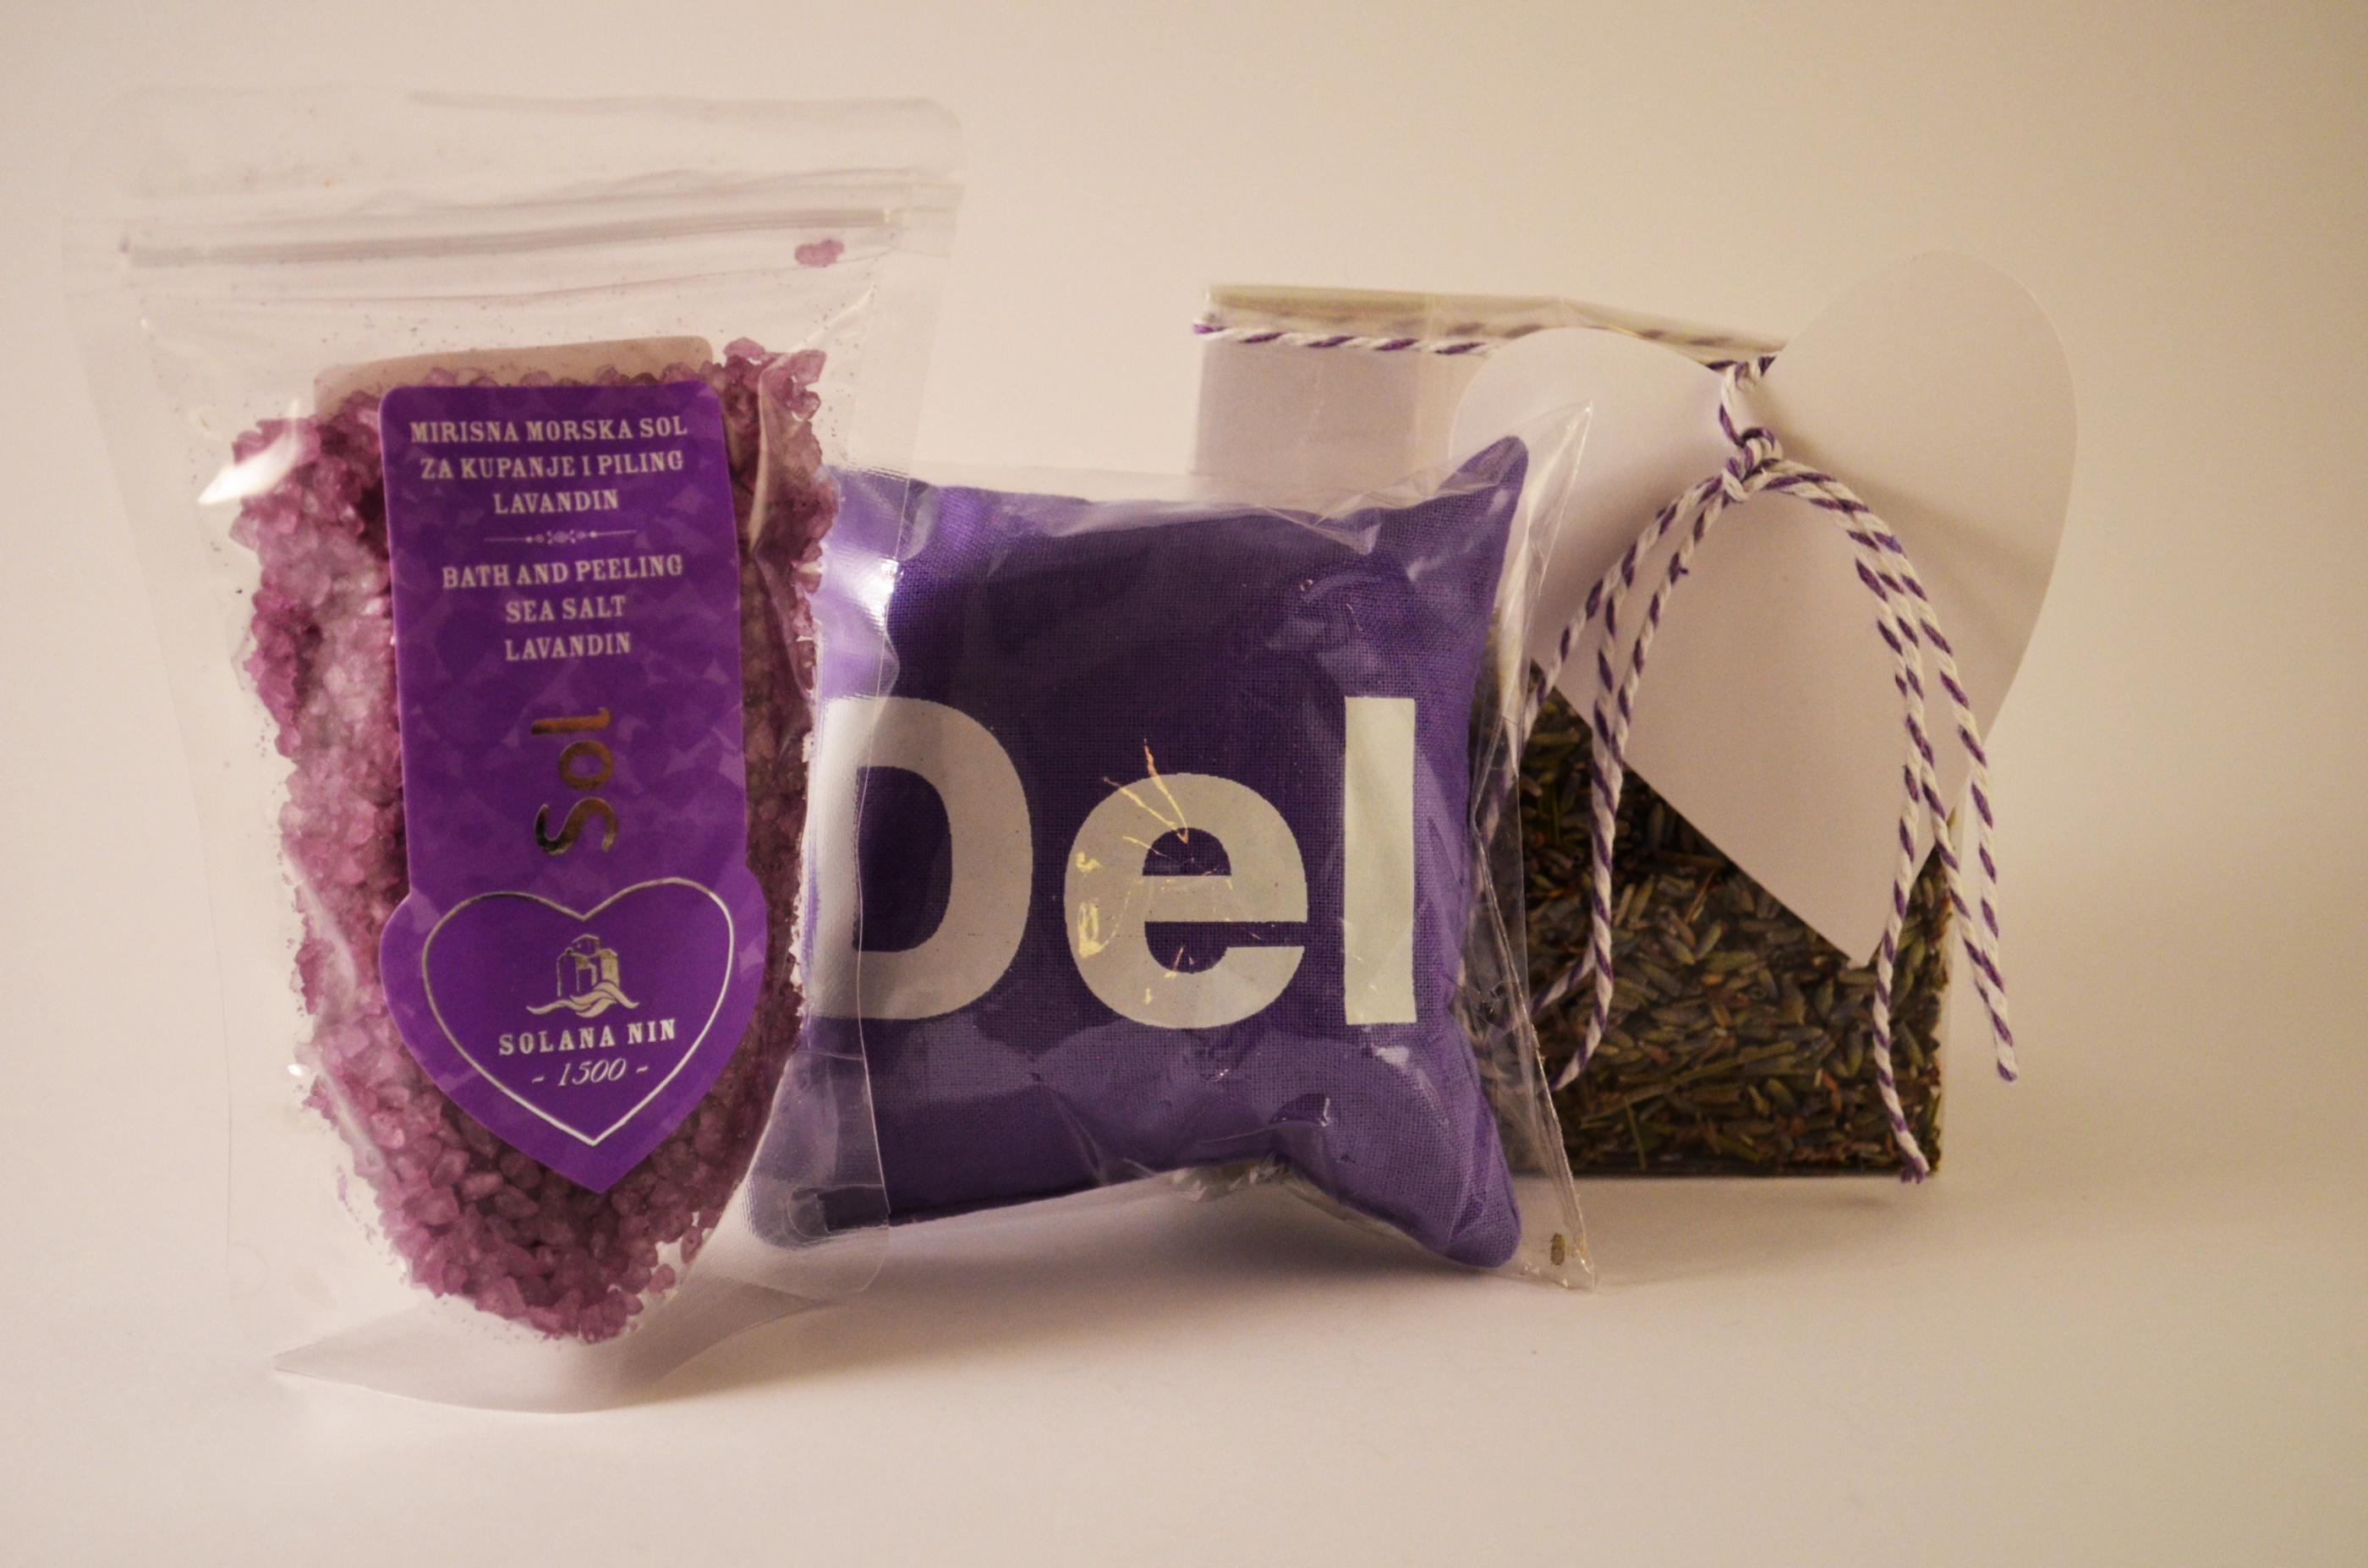 doftkudde lavendelblomma DEL små - badsalt lavendel - lavendelblomma 30g